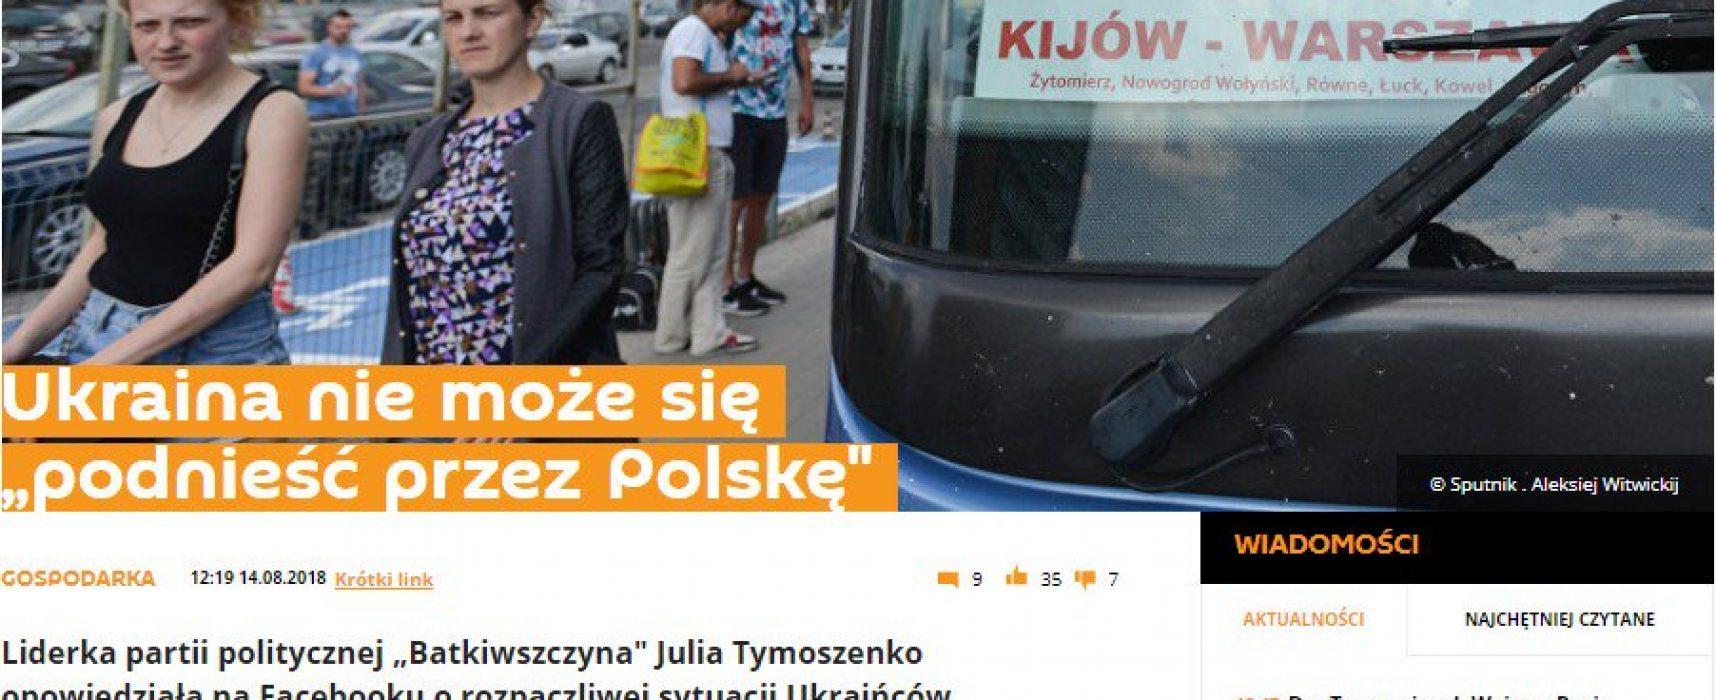 Especulaciones de Sputnik, ¿de verdad los ucranianos están en condiciones de esclavitud en Polonia?